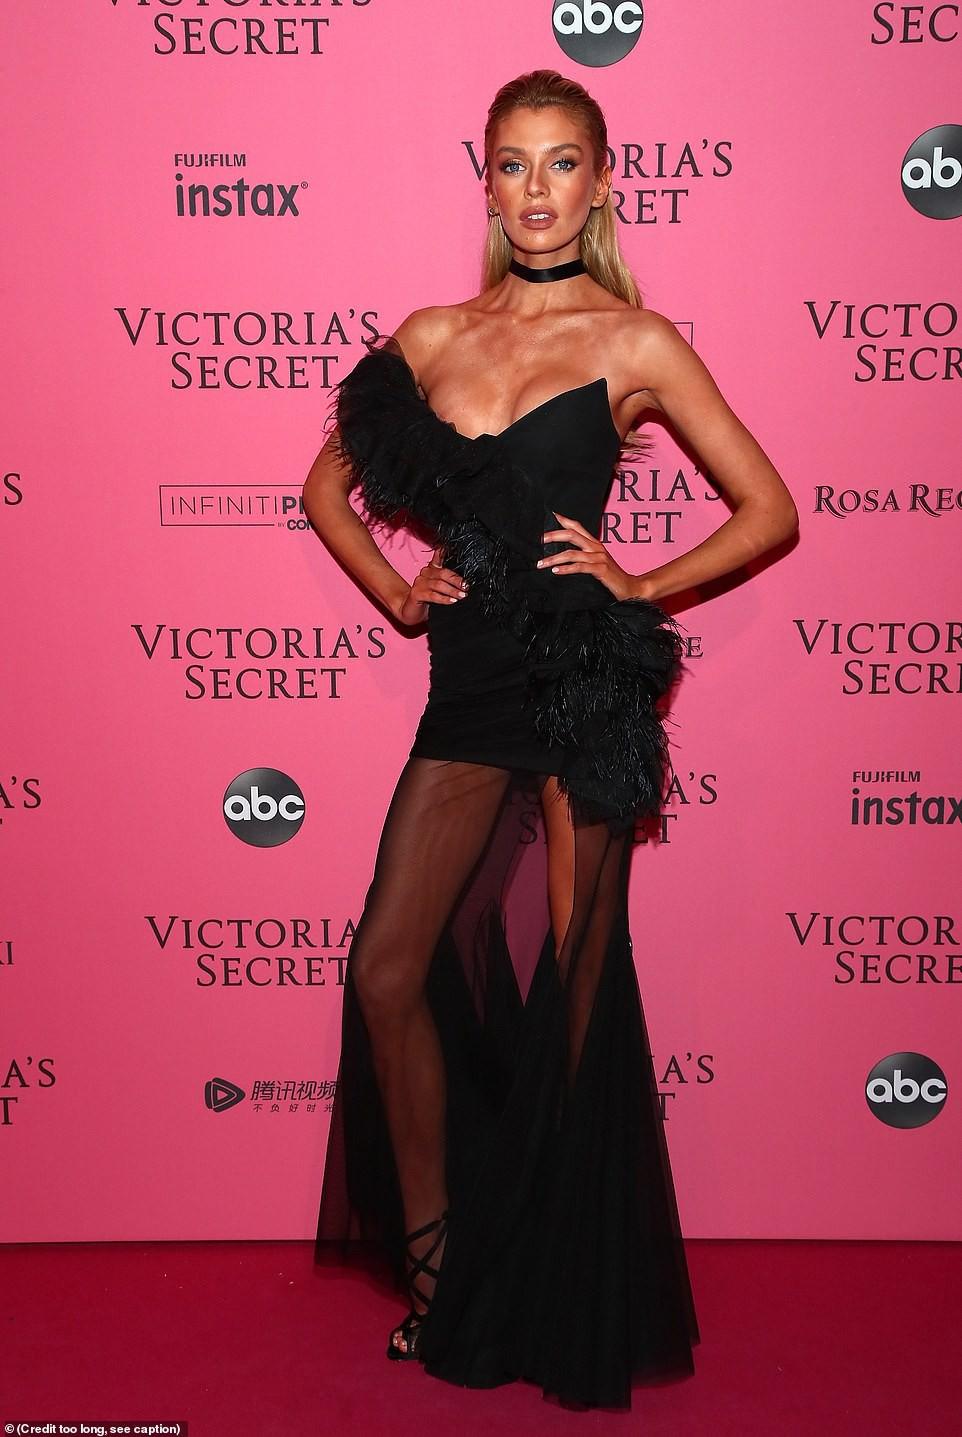 Thảm đỏ hậu show Victorias Secret: Dù không đẹp nhất, Bella Hadid vẫn nổi nhất dàn sao vì... lộ hết vòng 1 - Ảnh 8.